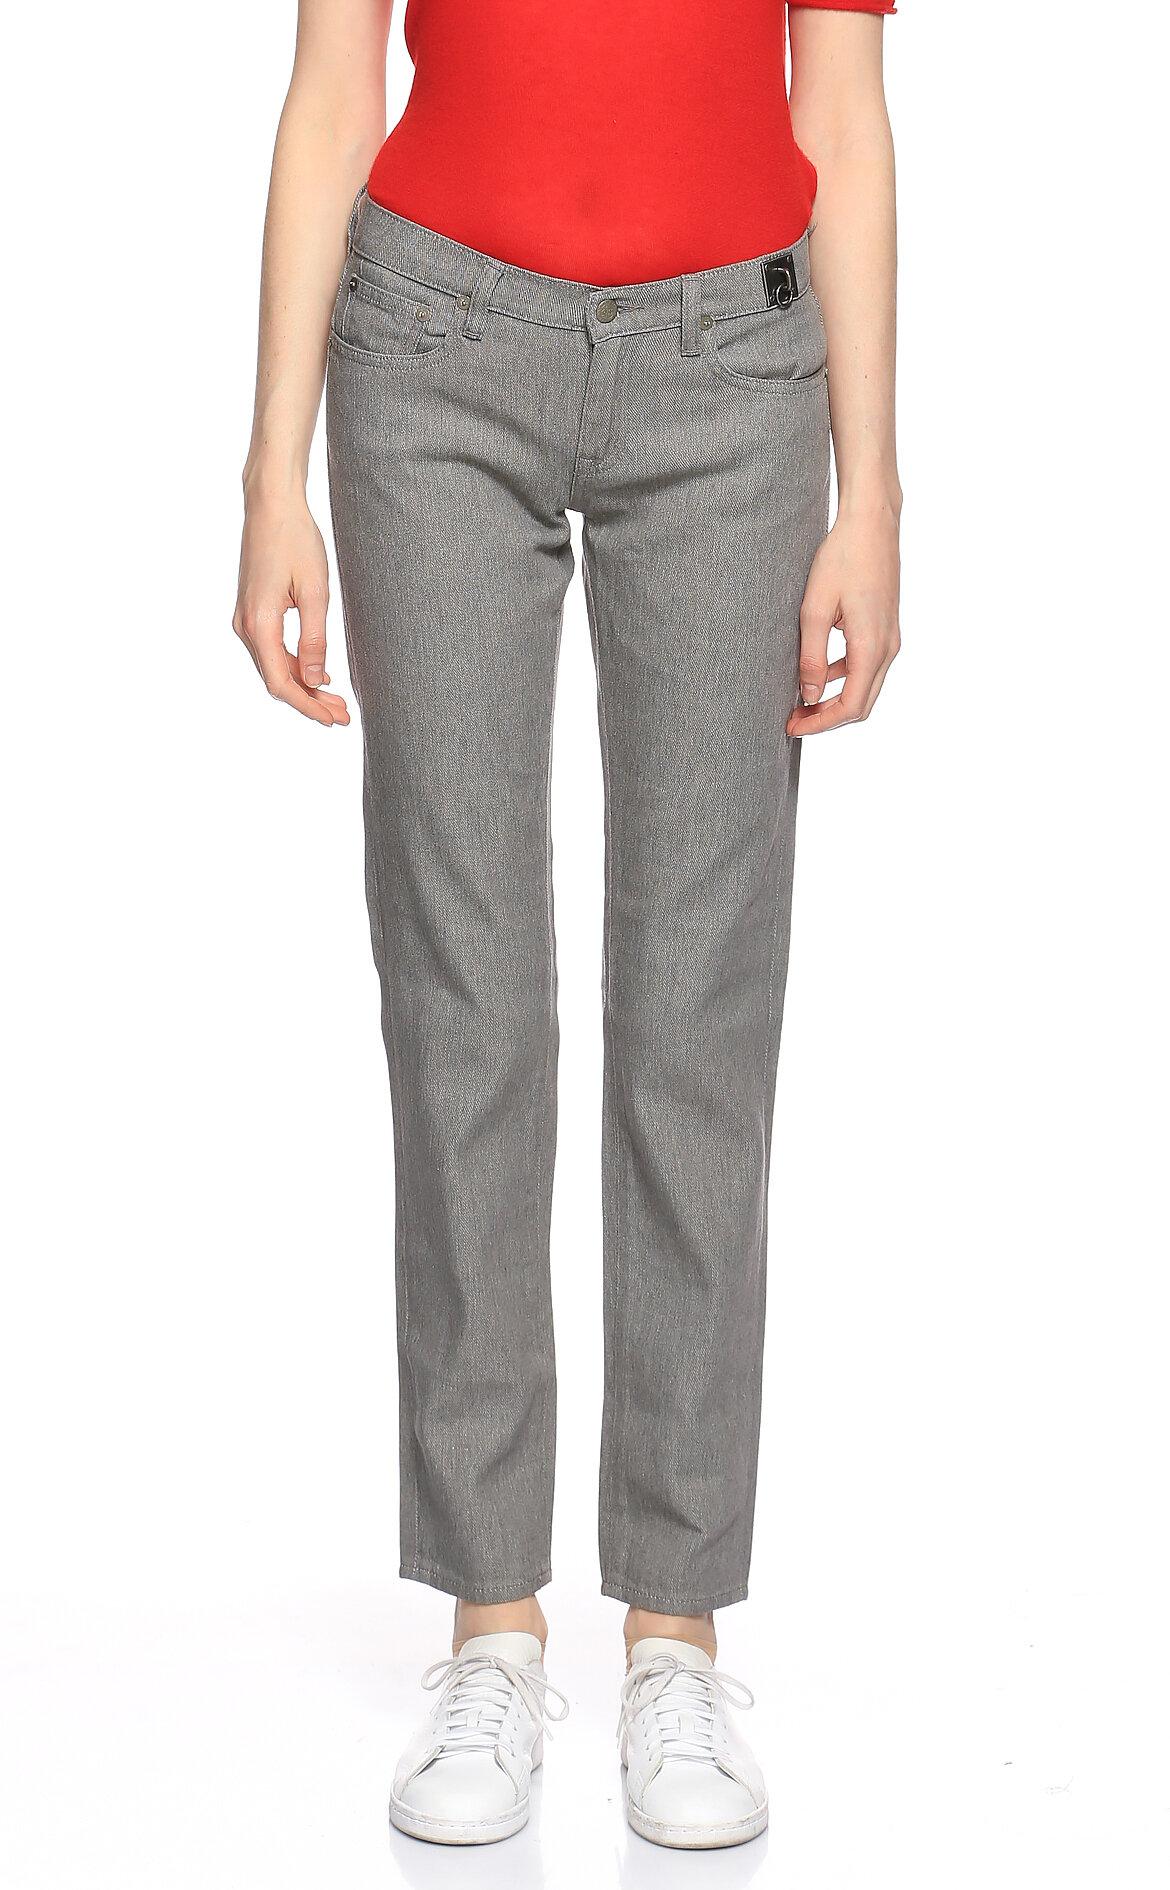 Ralph Lauren Blue Label  Jean Gri Pantolon